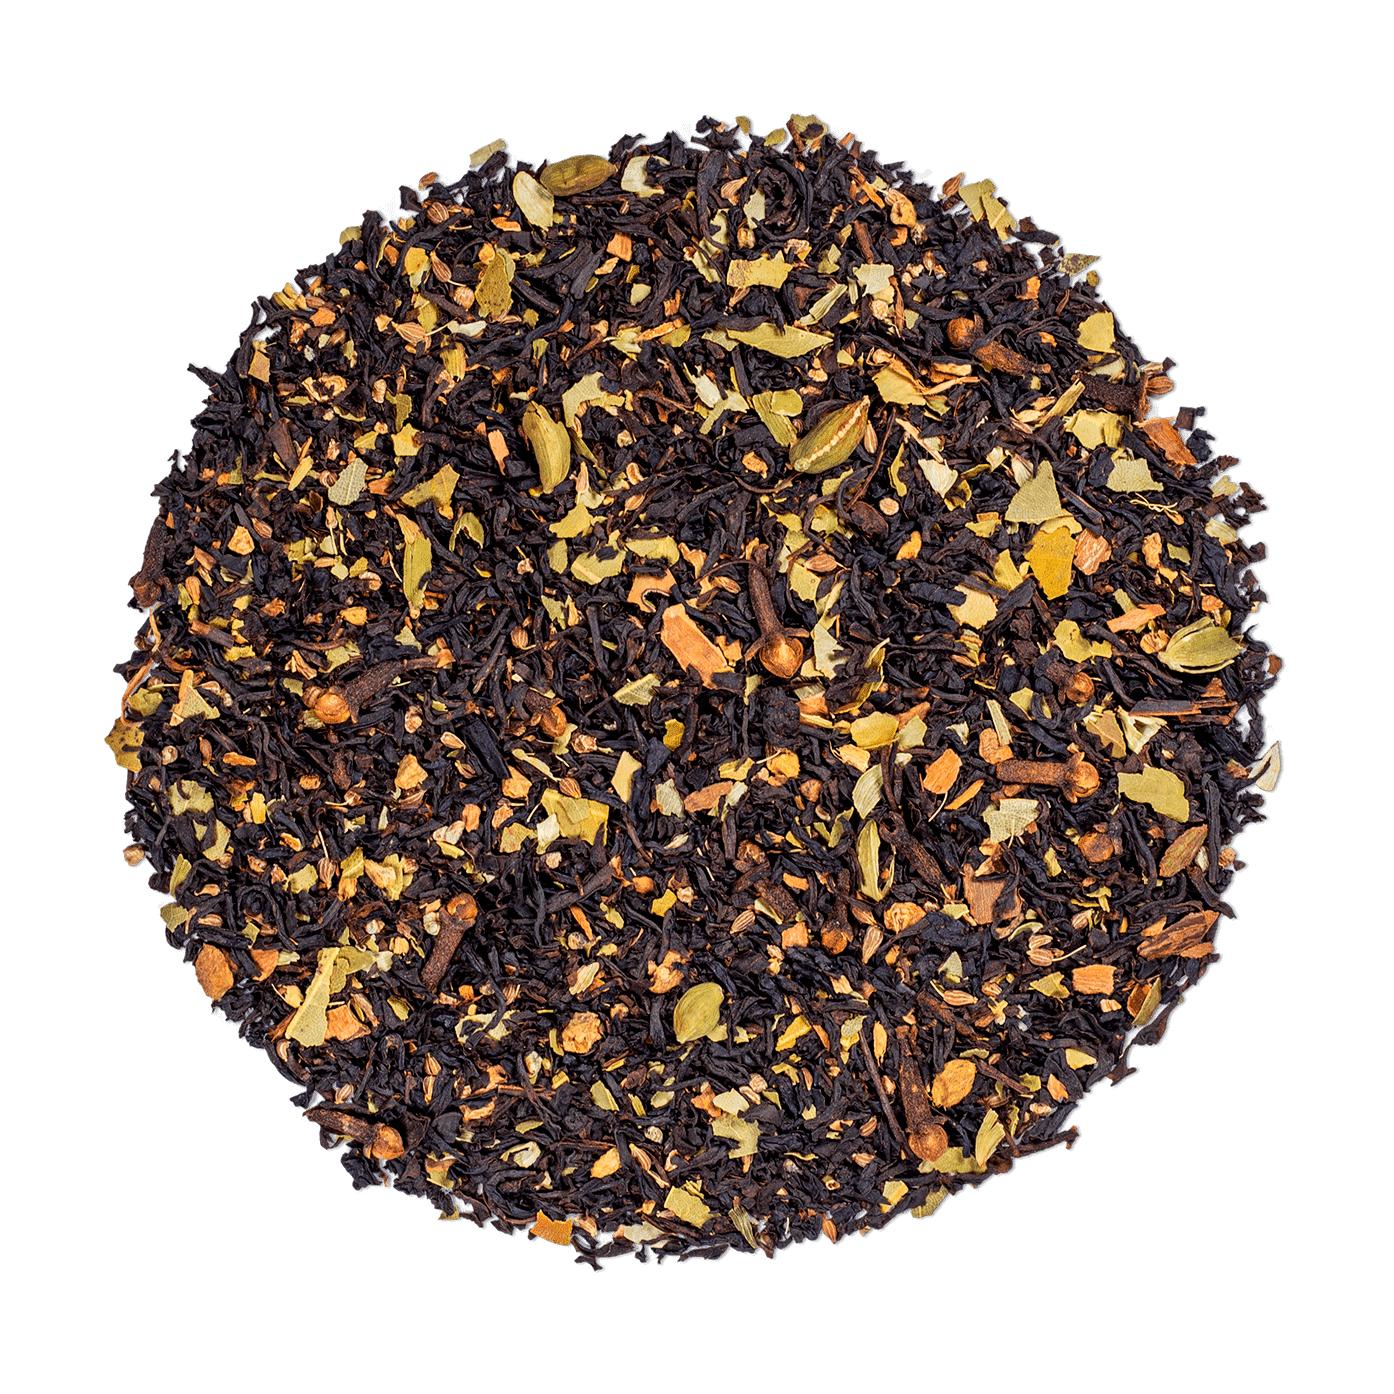 KUSMI TEA Kashmir Tchaï - Thé noir aux épices - Thé en vrac - Kusmi Tea